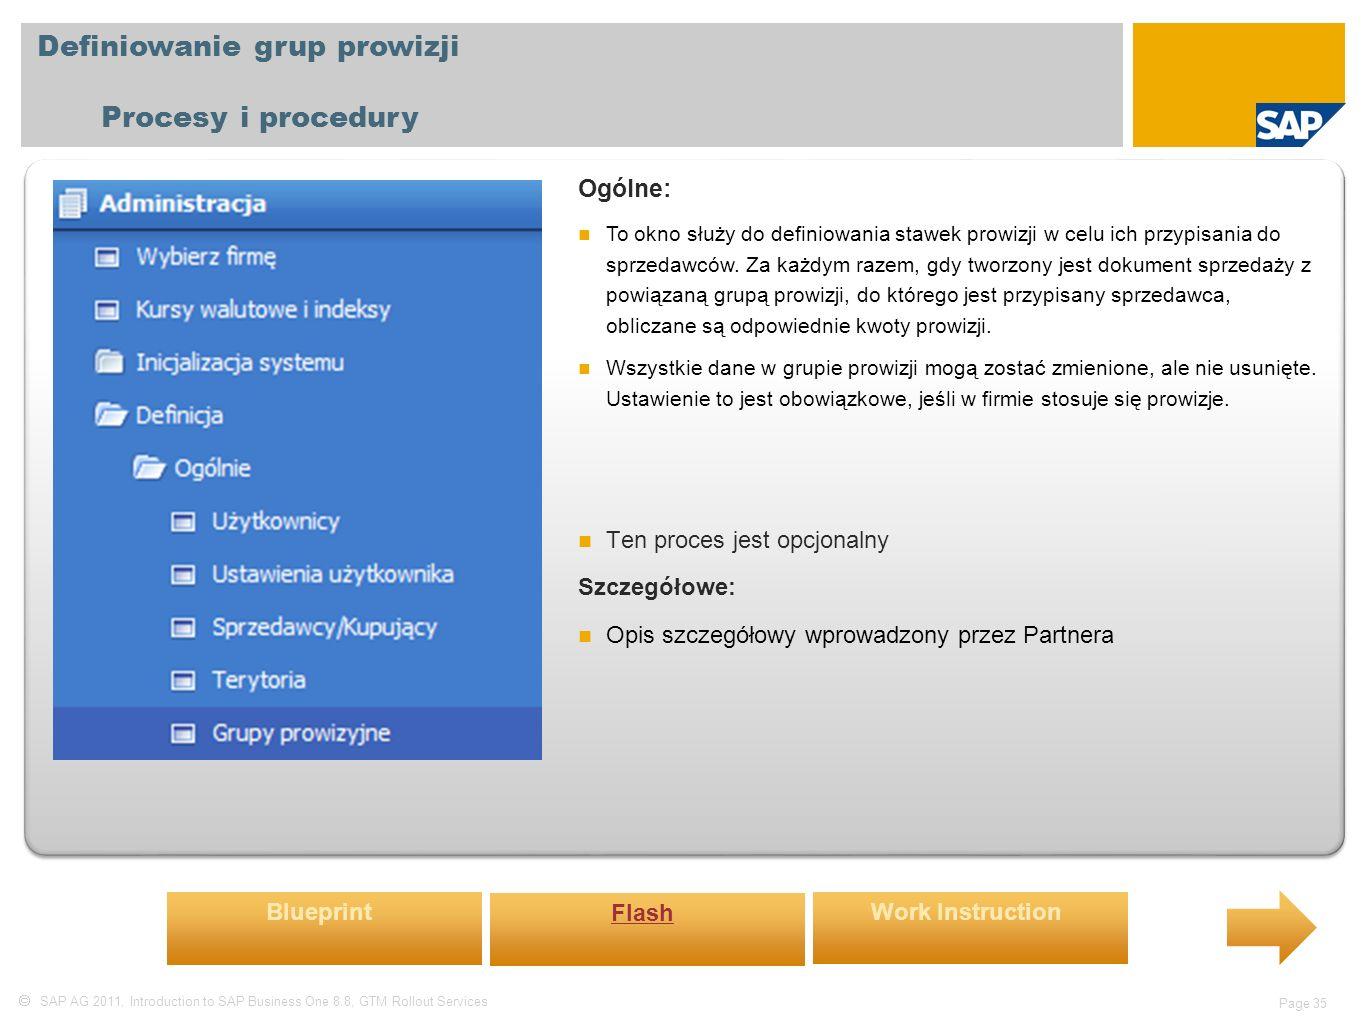  SAP AG 2011, Introduction to SAP Business One 8.8, GTM Rollout Services Page 35 Definiowanie grup prowizji Procesy i procedury Ogólne: To okno służy do definiowania stawek prowizji w celu ich przypisania do sprzedawców.